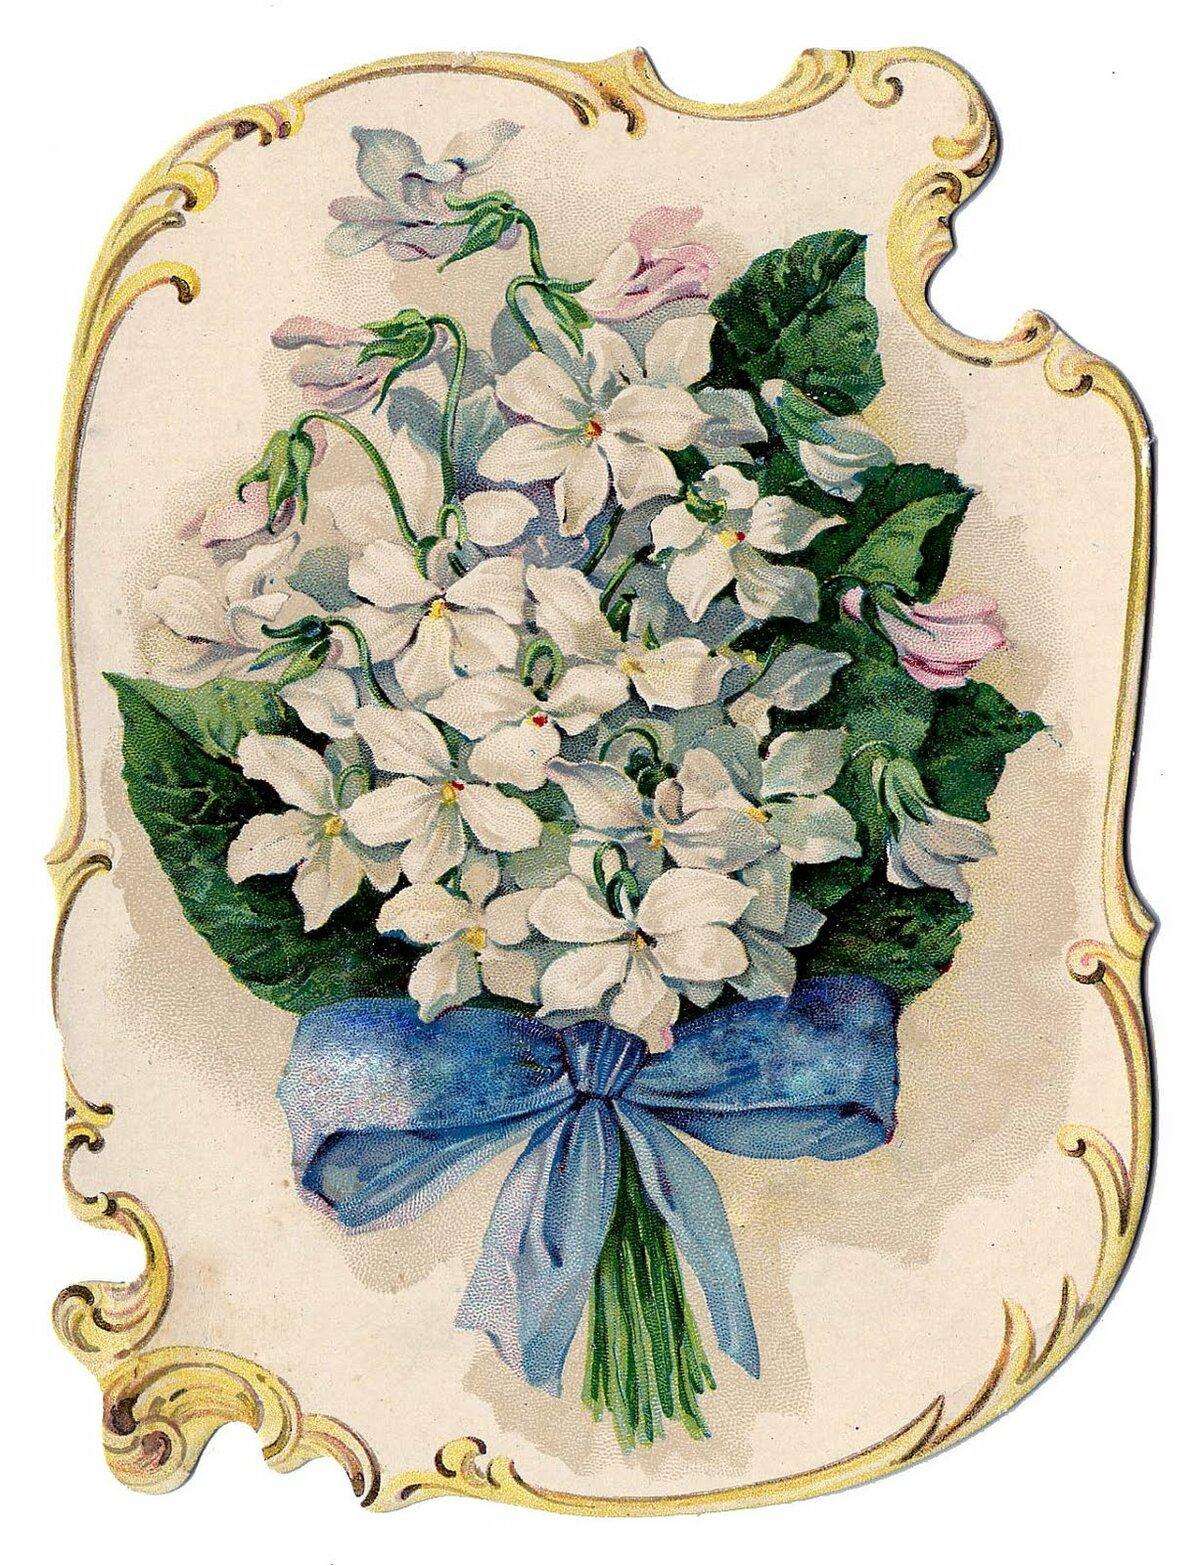 Именинником картинки, цветы в старых открытках